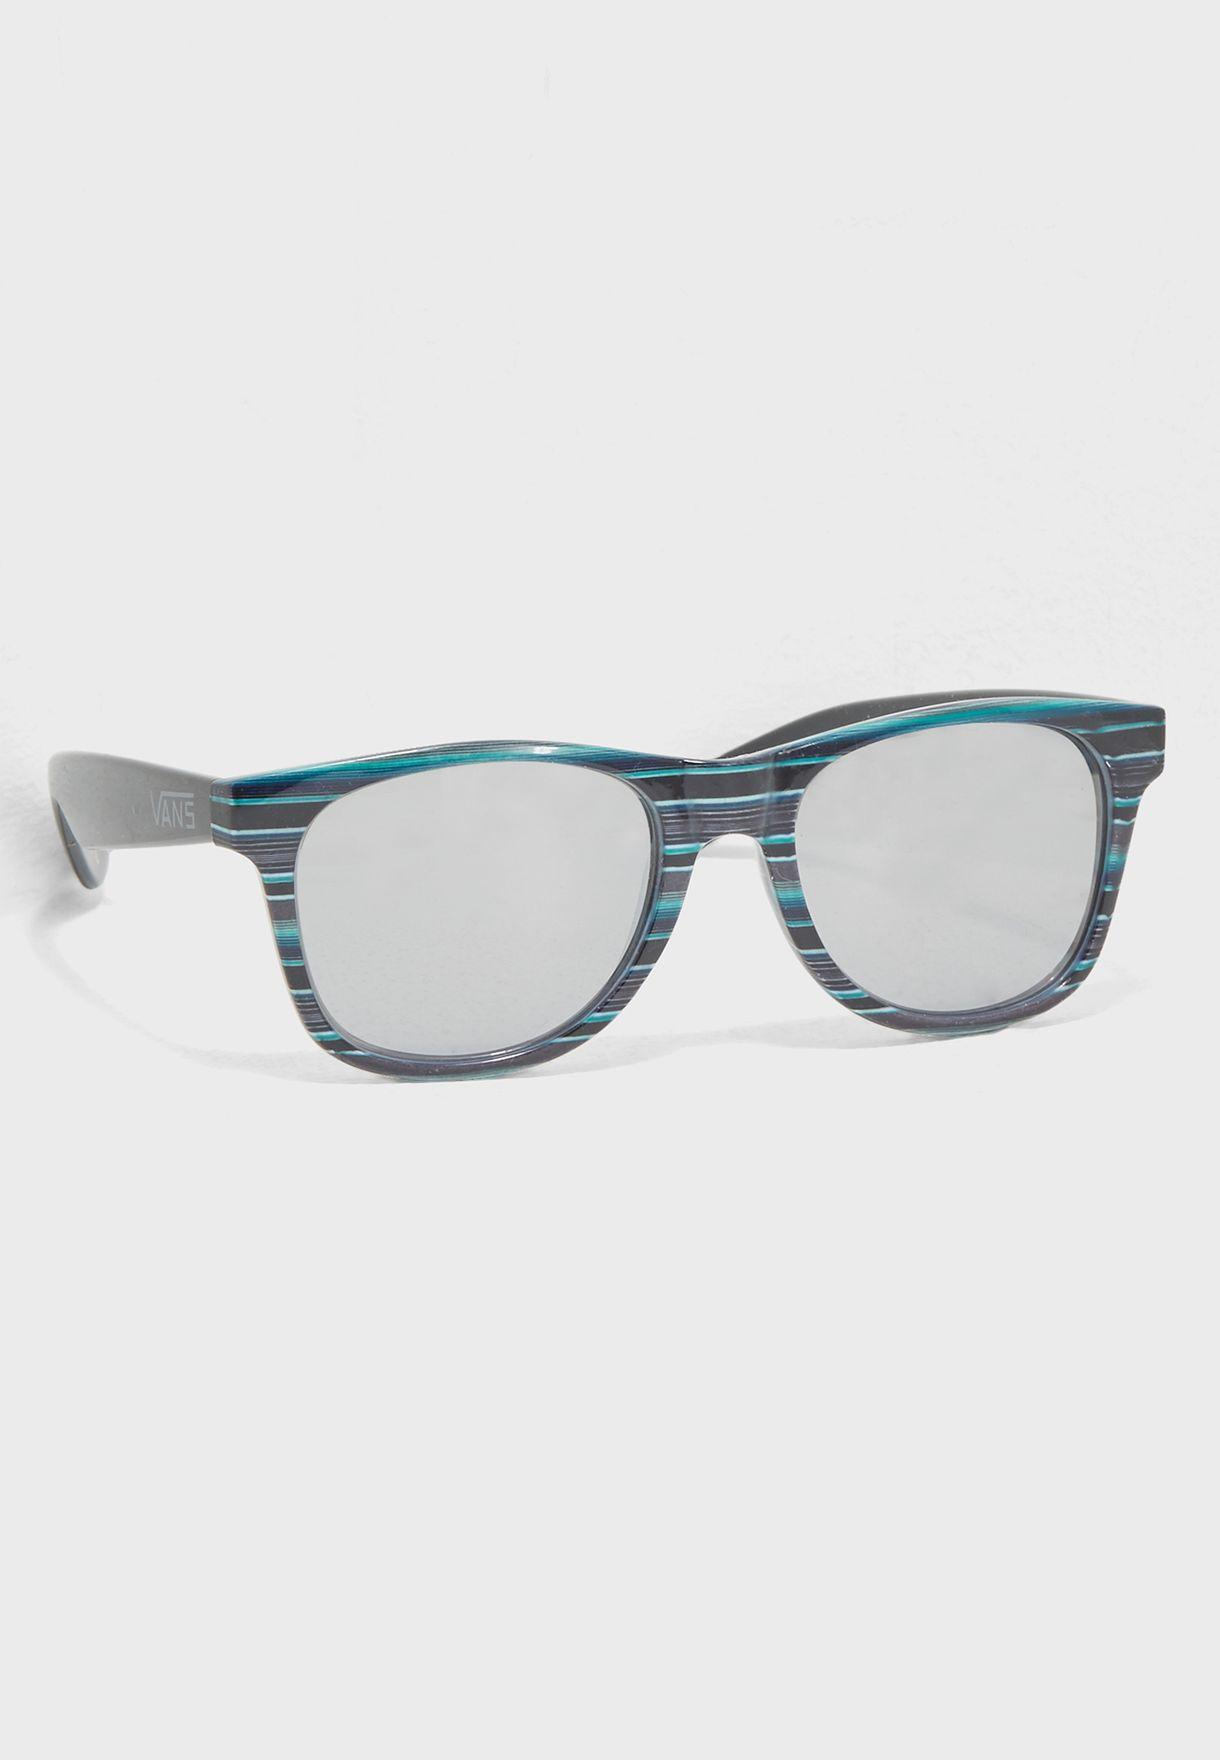 5c68d621254 Shop Vans prints Spicoli 4 Sunglasses VALC0KVZ for Men in Oman ...